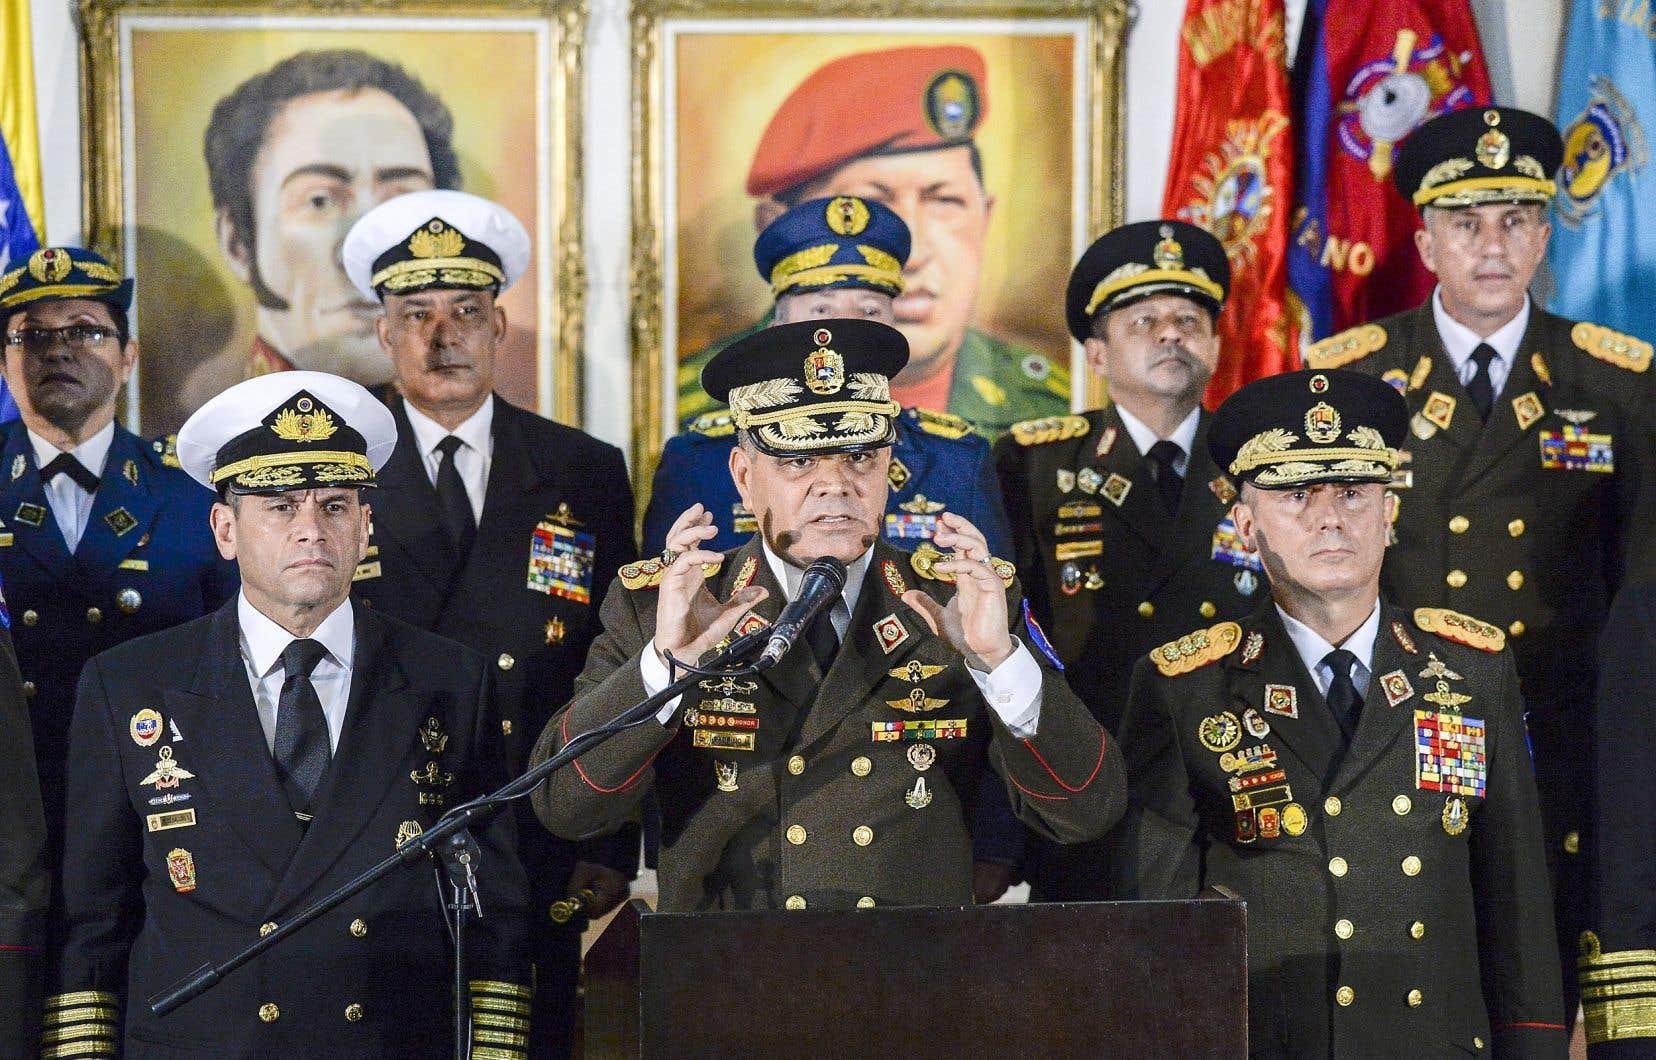 Le ministre vénézuélien de la Défense, Vladimir Padrino, a réitéré au président Maduro la «loyauté» de ses troupes, tentant de dissiper toute impression d'effritement au sein du corps militaire.